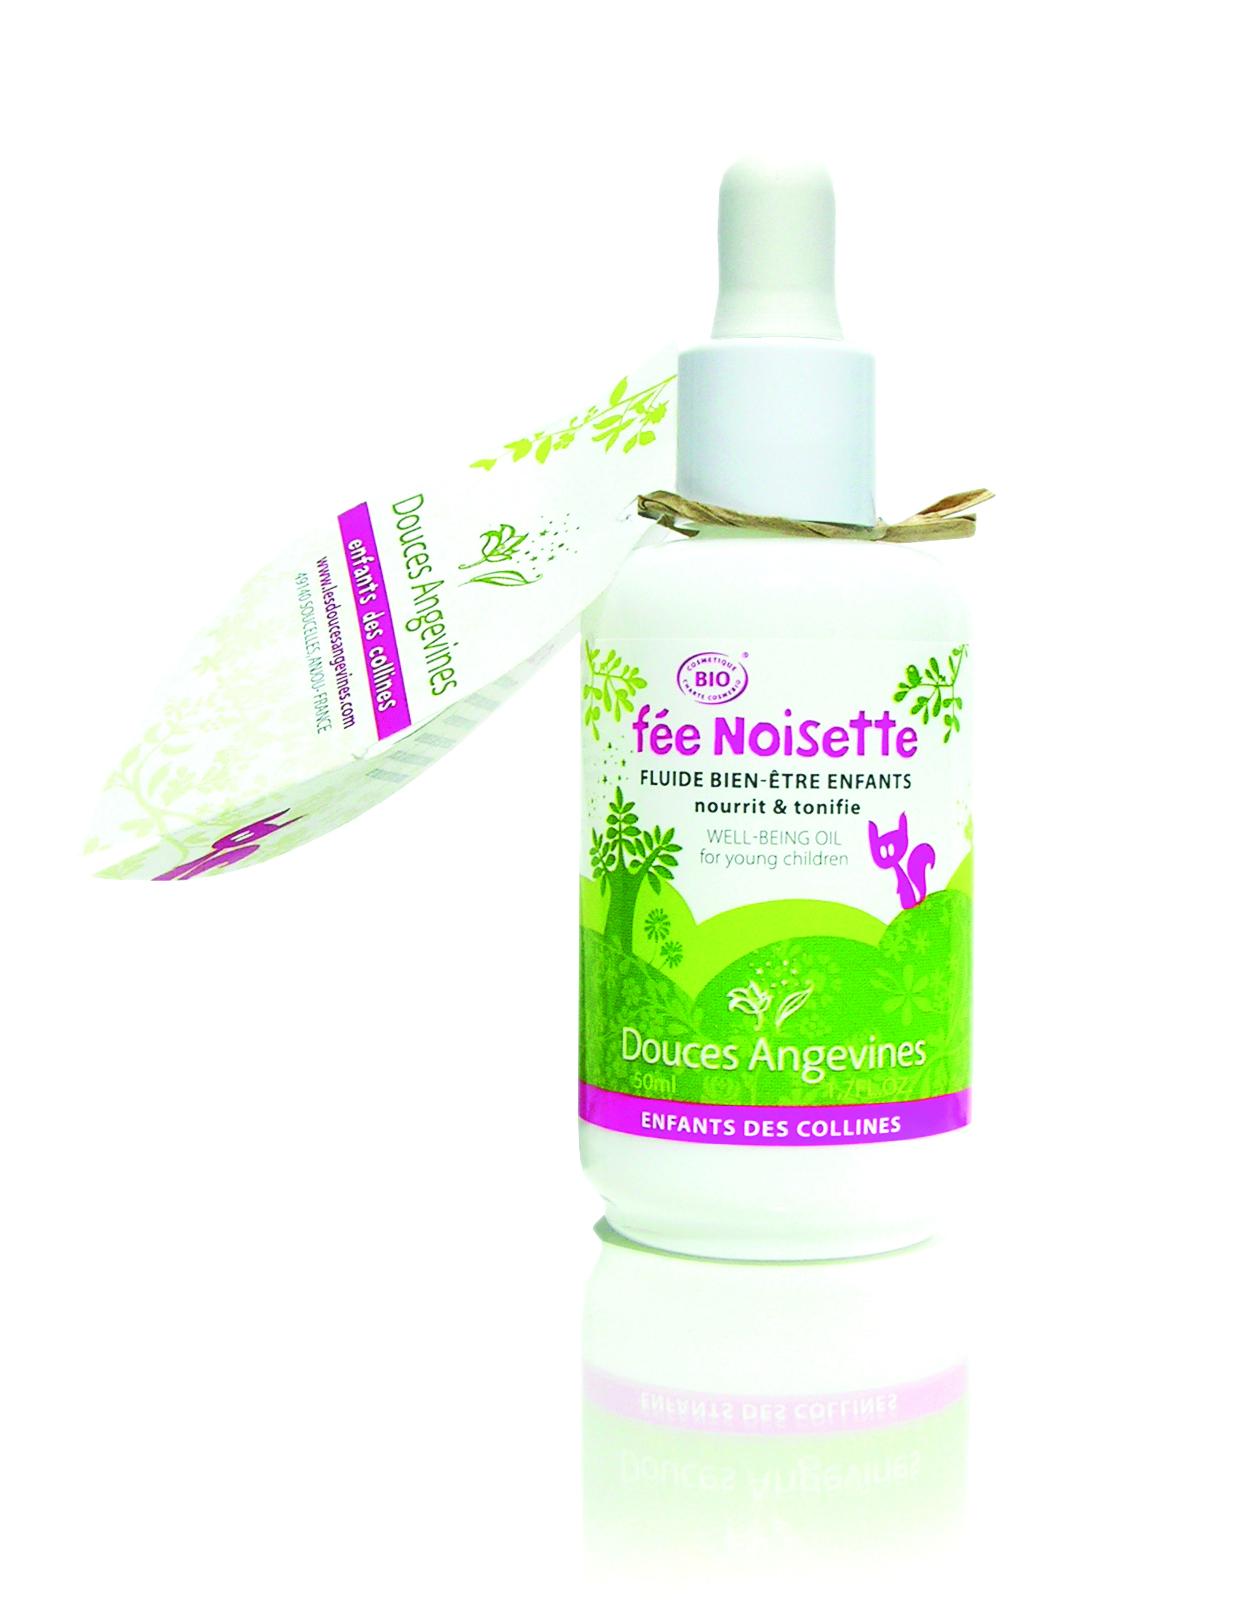 Doux Good - Douces angevines - Noisette, fluide hydratant bebe